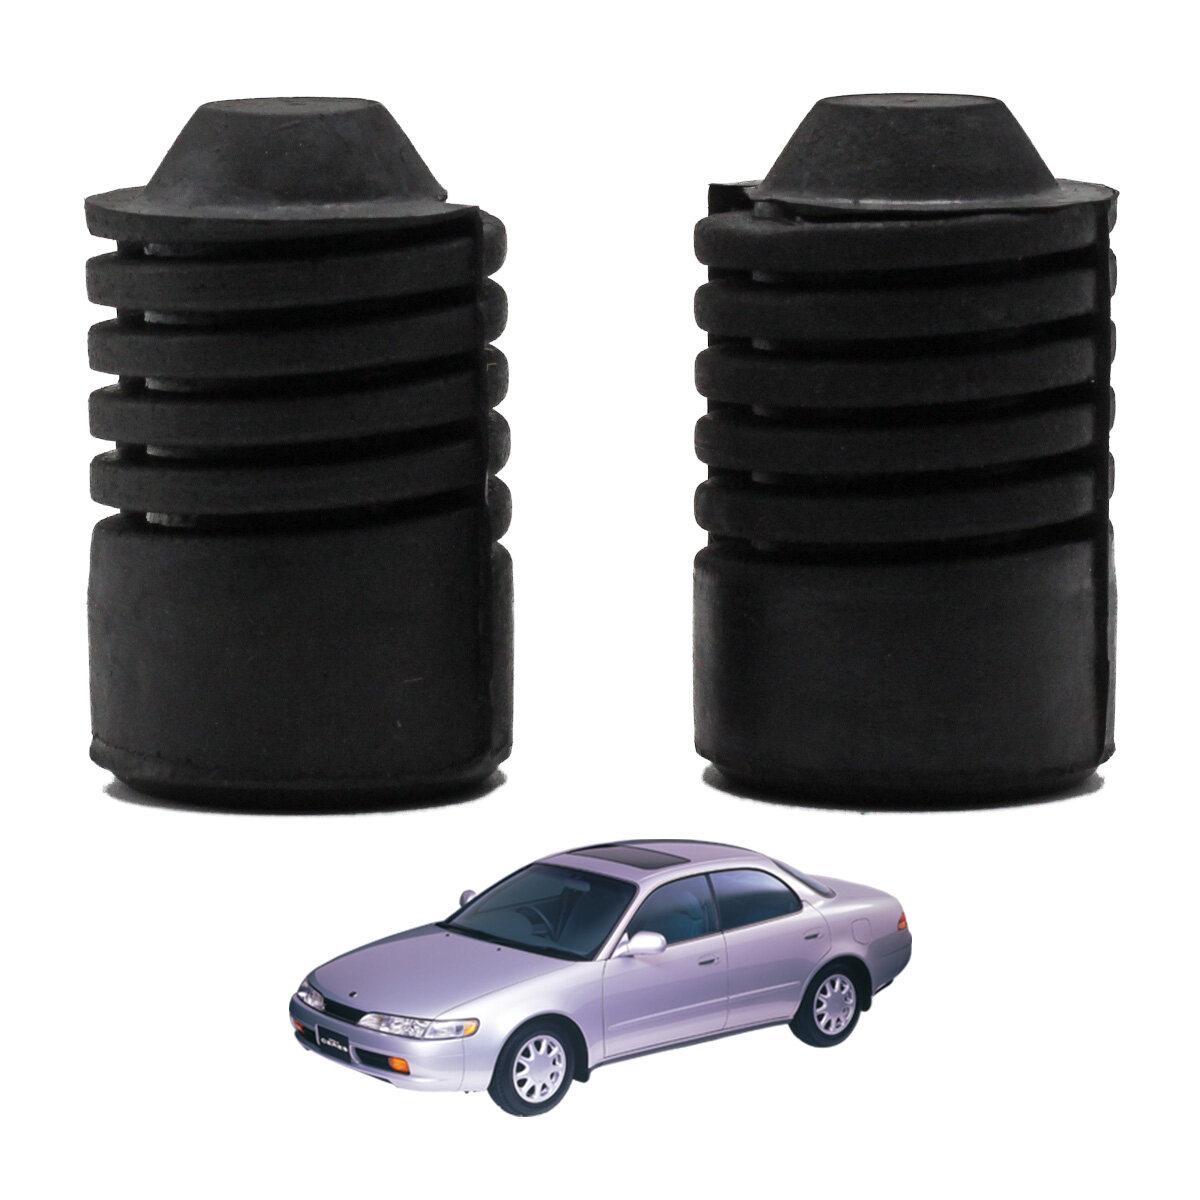 ยางรองฝากระโปรงหน้า สีดำ จำนวน 2ชิ้น ซ้ายและขวา Toyota Corolla  Ae100 Ae101 Ee100 โตโยต้า โคโรล่า 4ประตู ปี 1993-1998 รถเก๋ง  สินค้าราคาถูก คุณภาพดี  Front Hood Rubber.